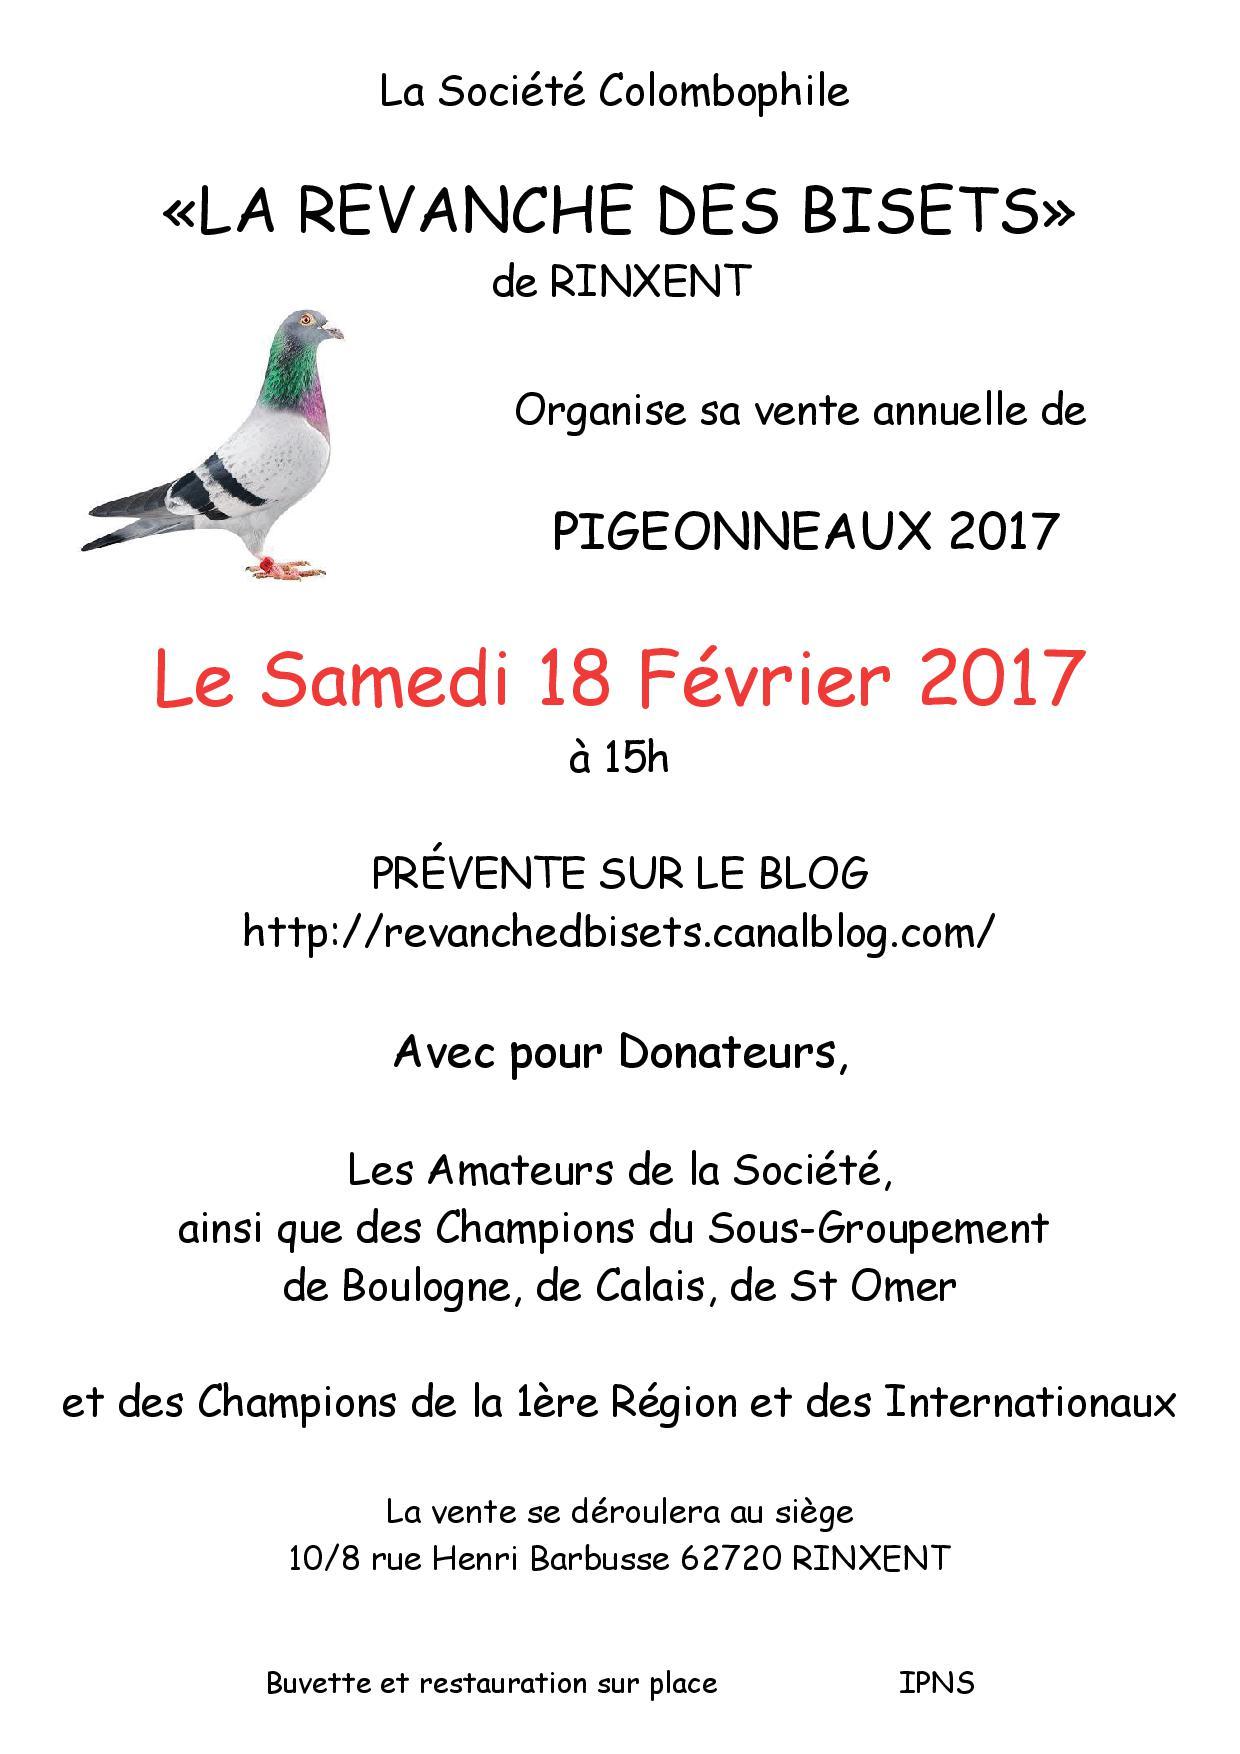 Affiche vente rinxent pigeonneaux 2017